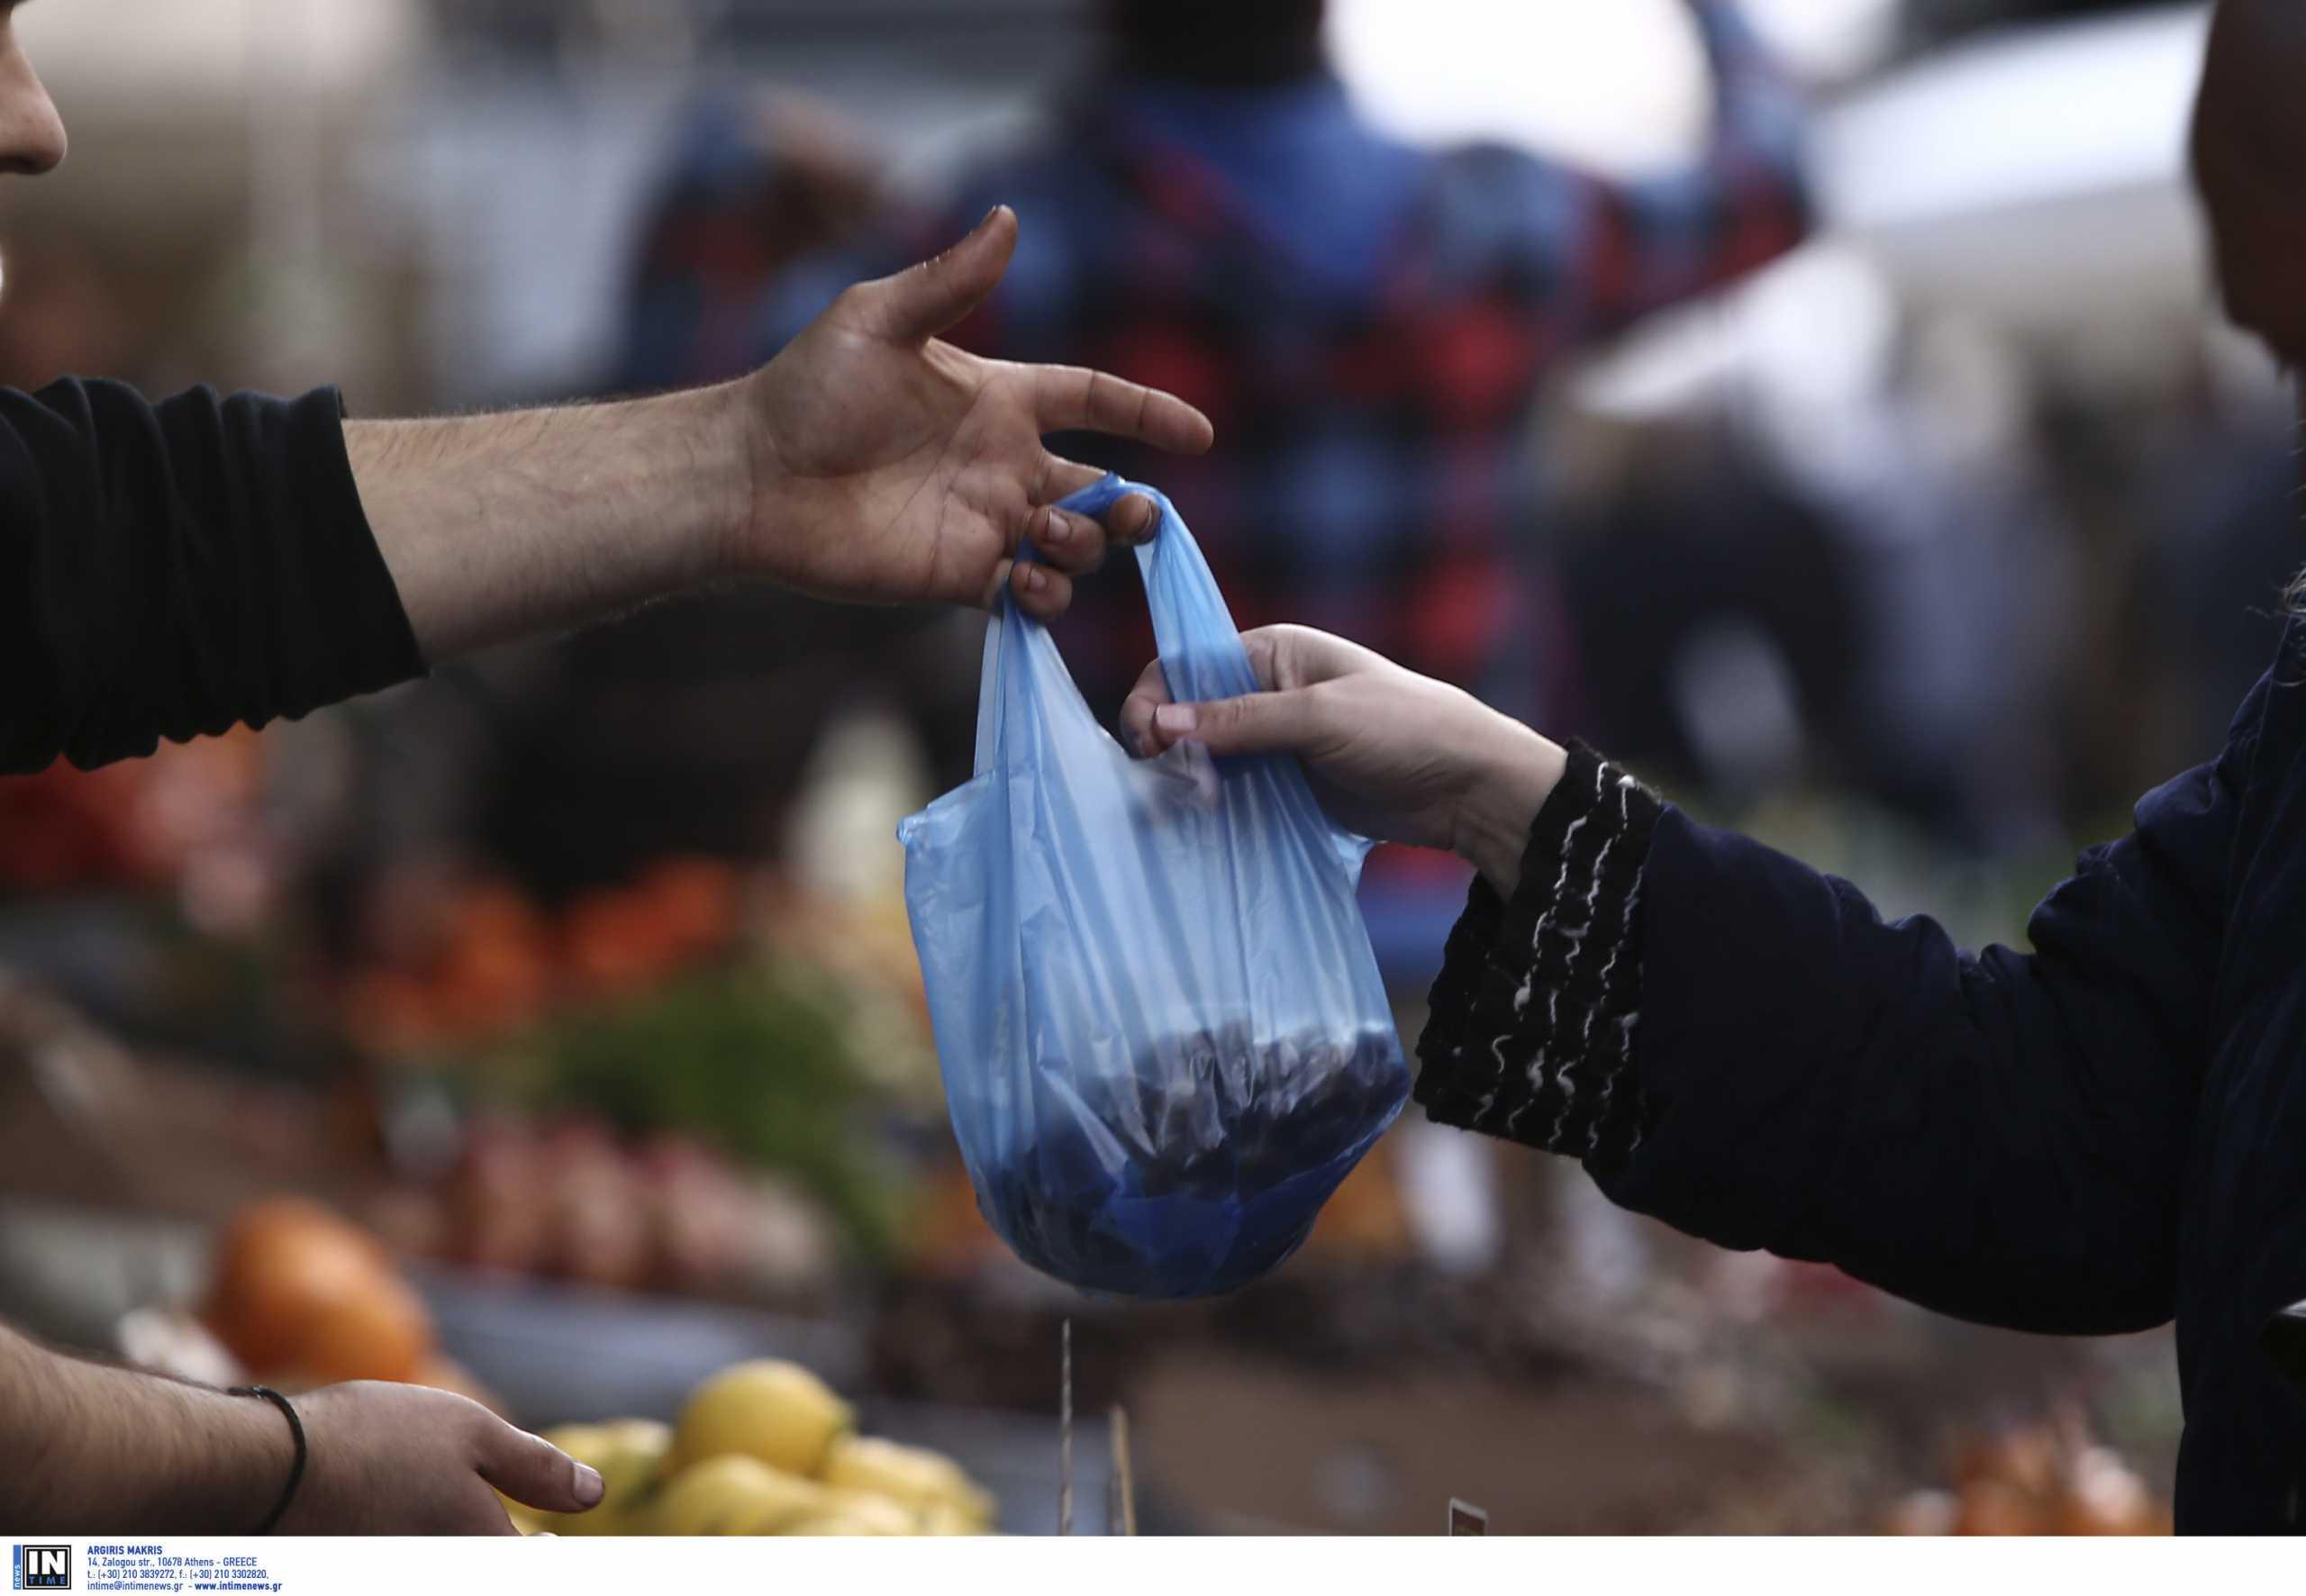 Θεσσαλονίκη: Λαϊκές αγορές με μαύρες σημαίες – Στο βάθος απεργίες και σκέψεις για αποχή από τους πάγκους